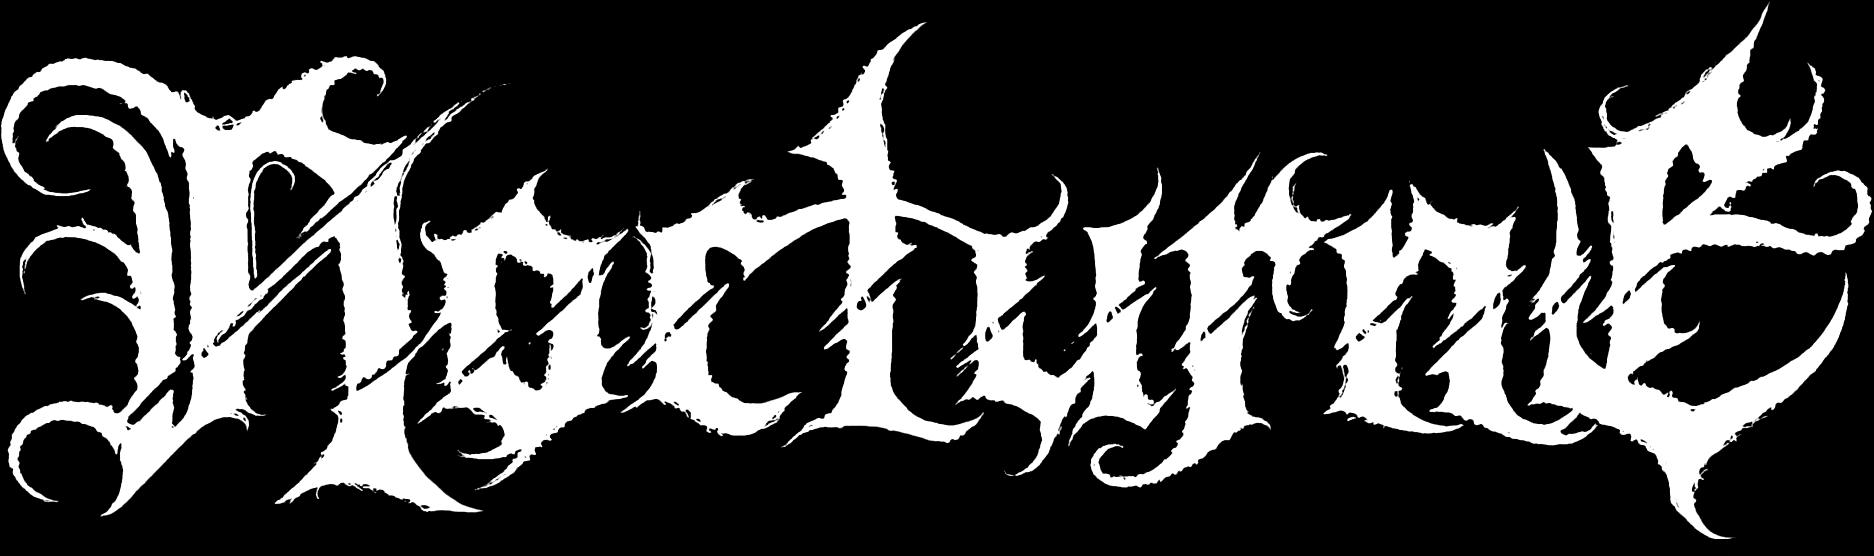 Nocturne - Logo